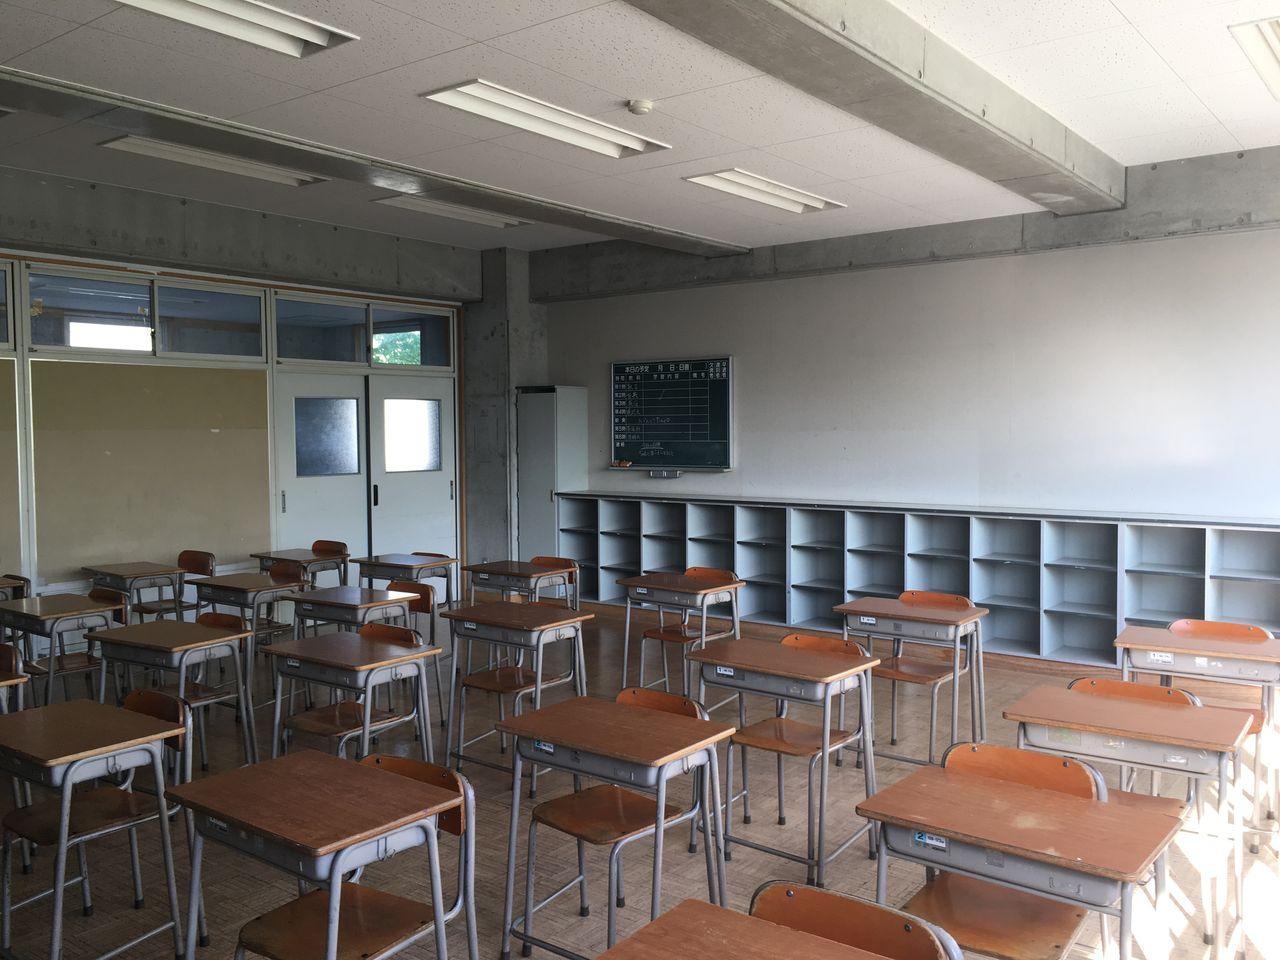 「旧上野台中学校(埼玉県比企郡小川町東小川2-22)」の画像検索結果